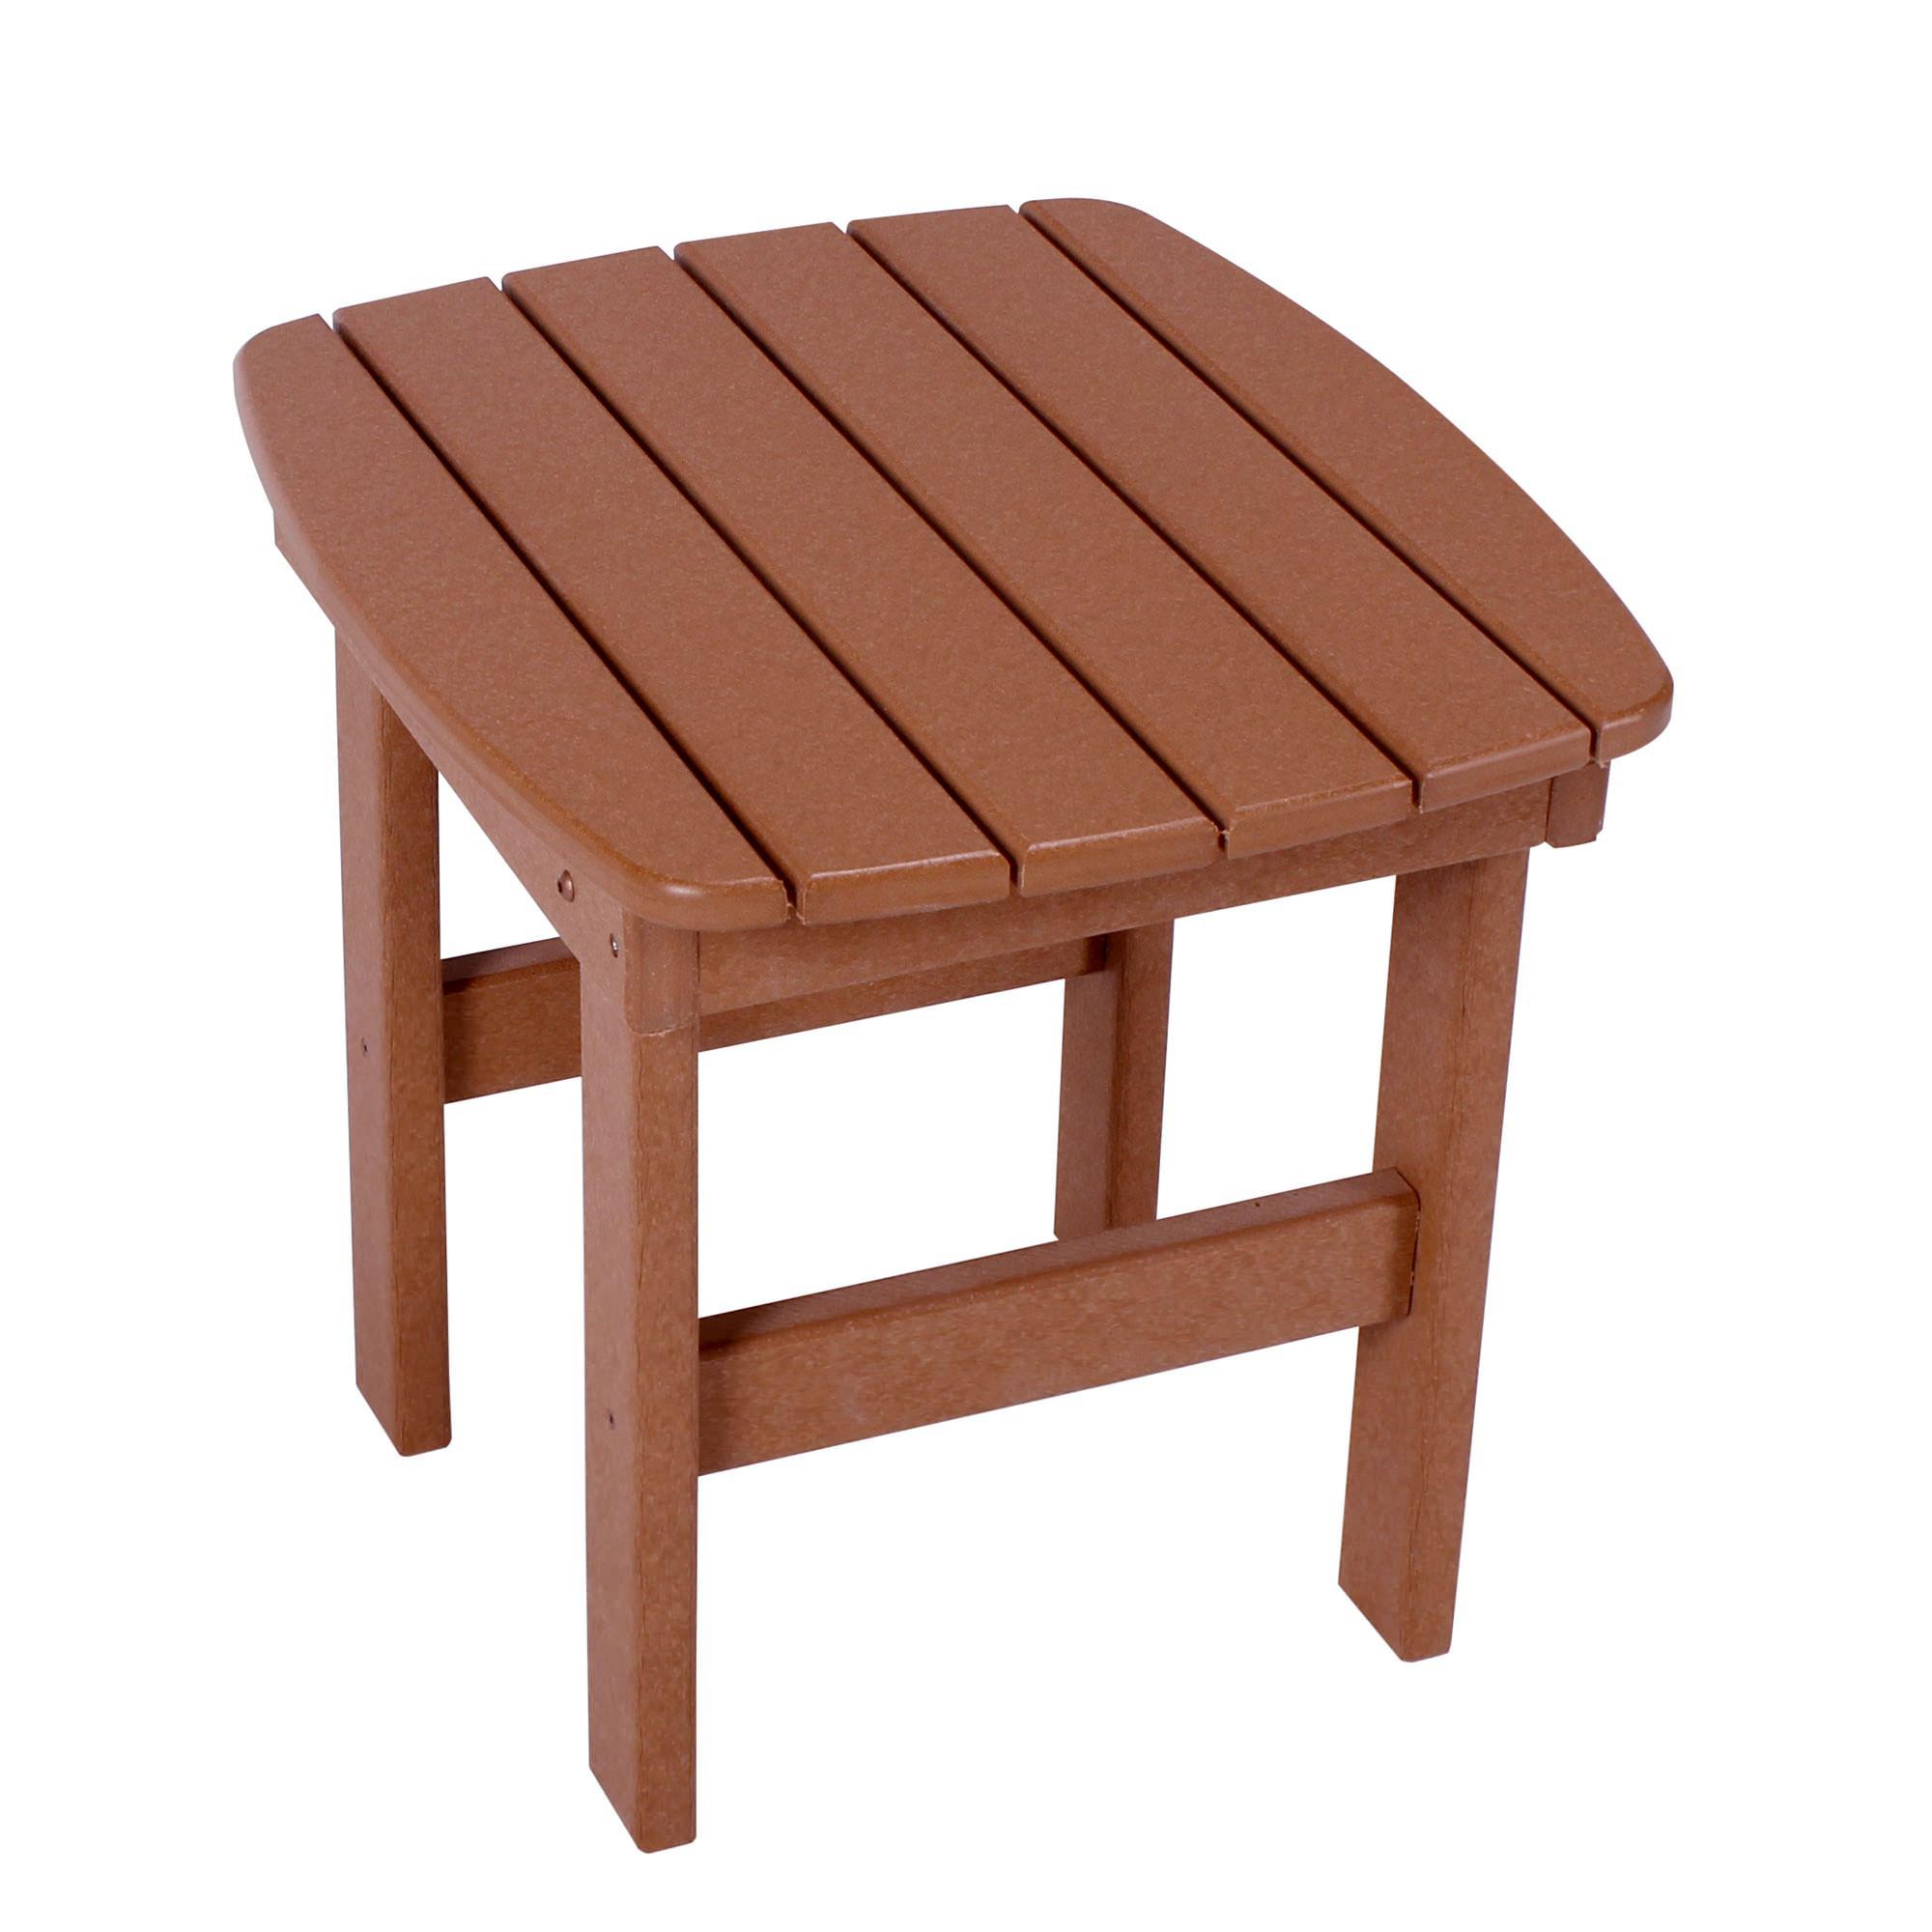 Cedar Durawood Side Table Pawleys Island Hammocks